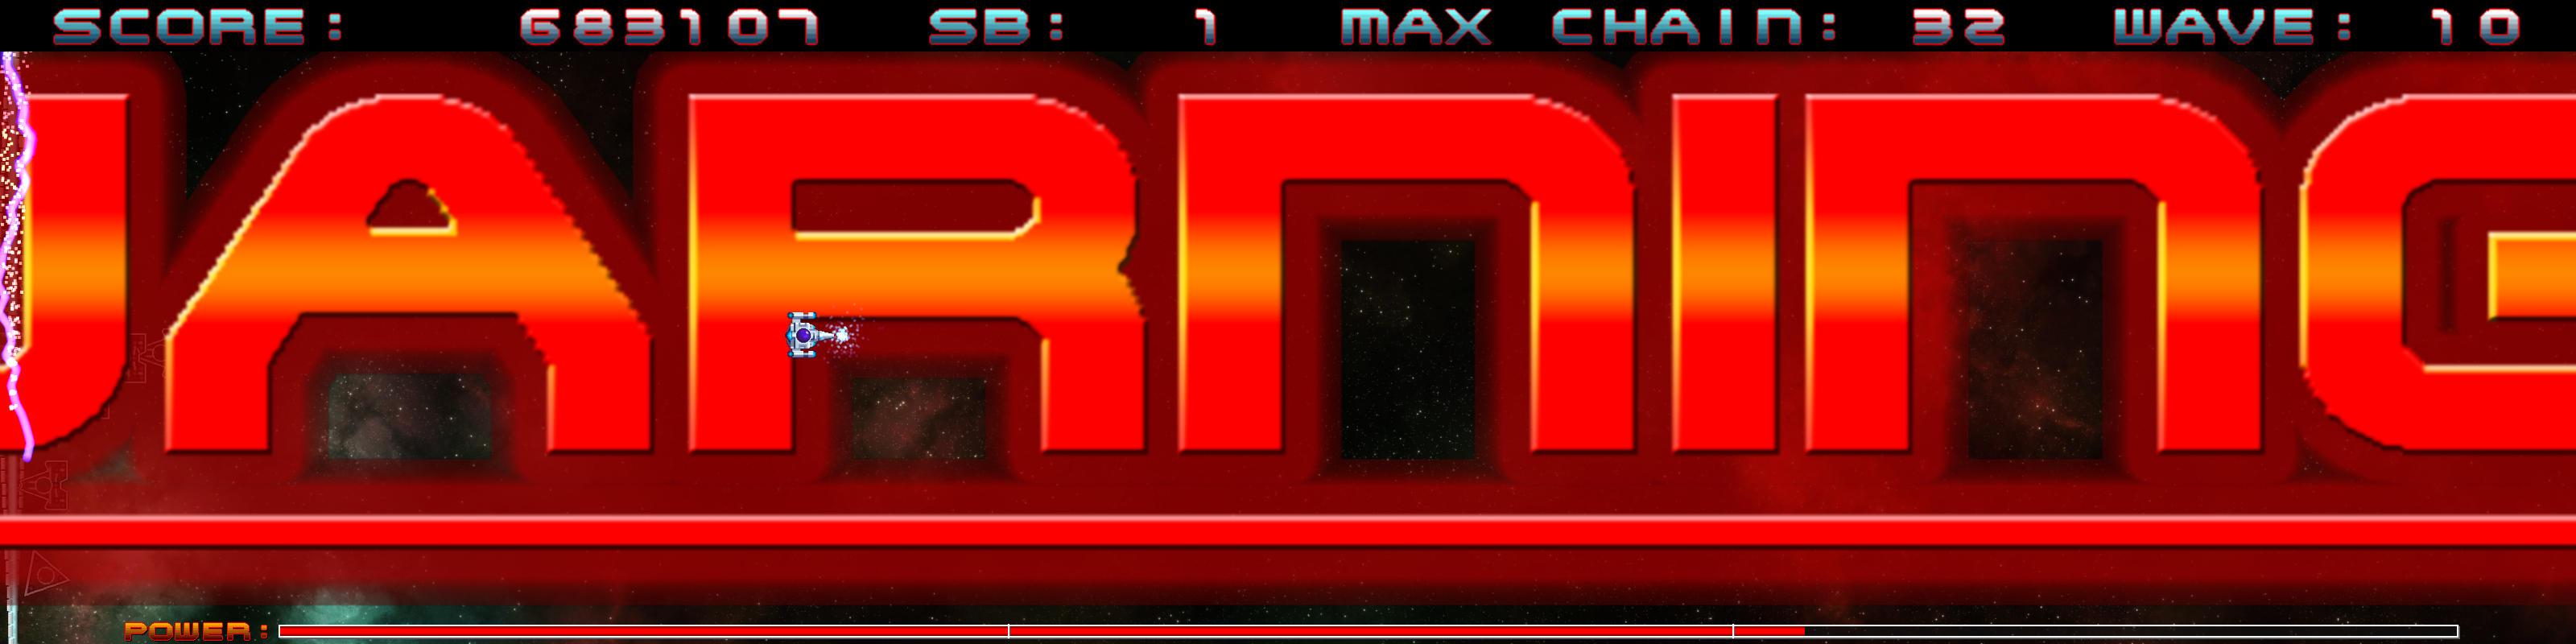 Super Chain Crusher Horizon screenshot